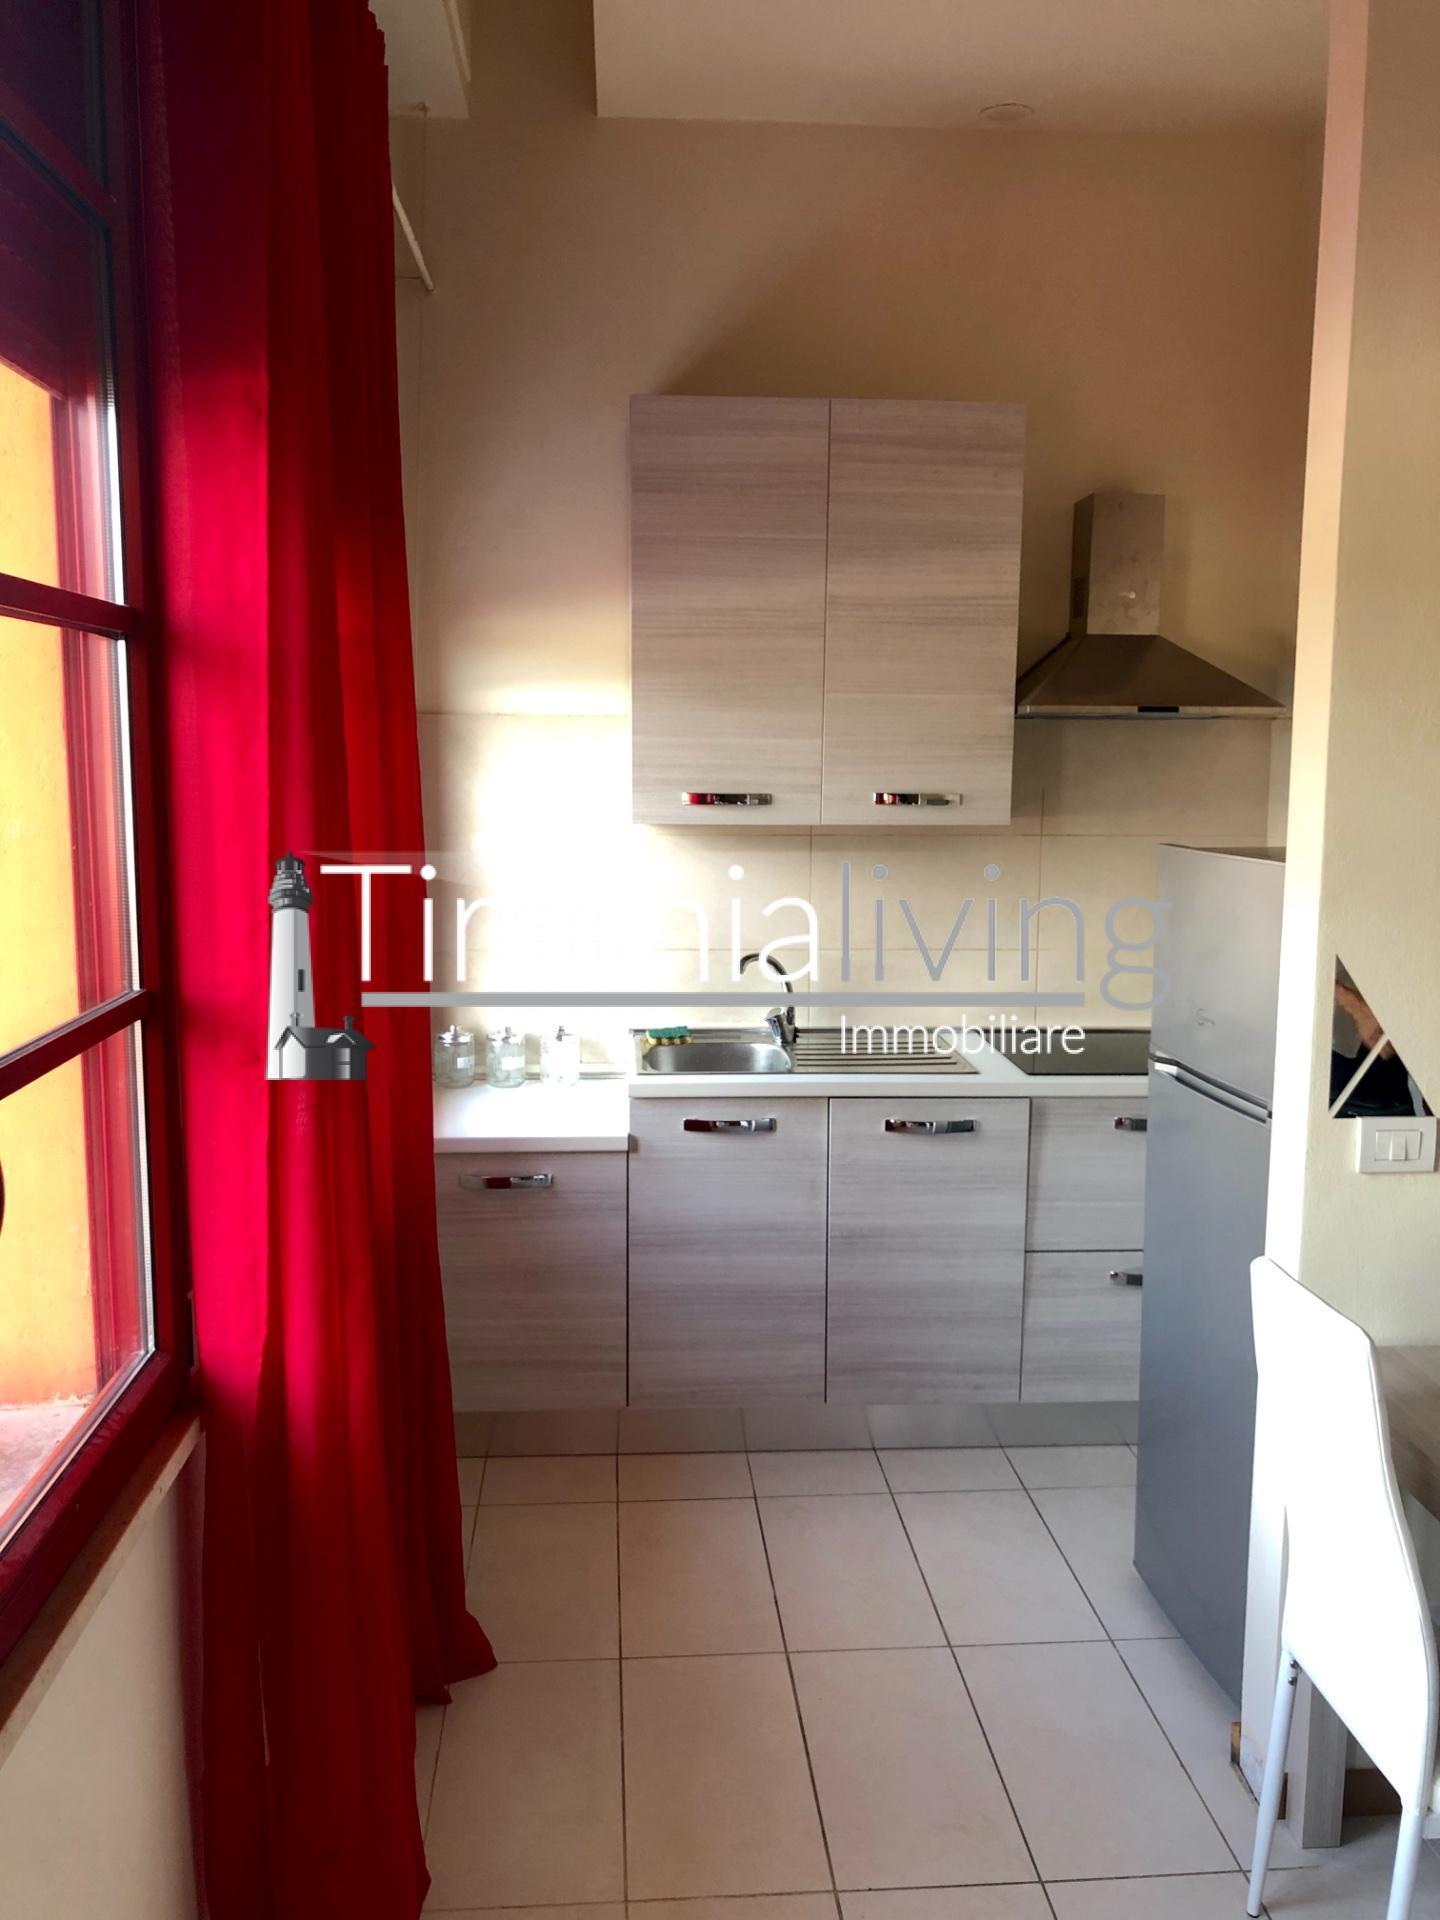 Appartamento in affitto, rif. A-507-E